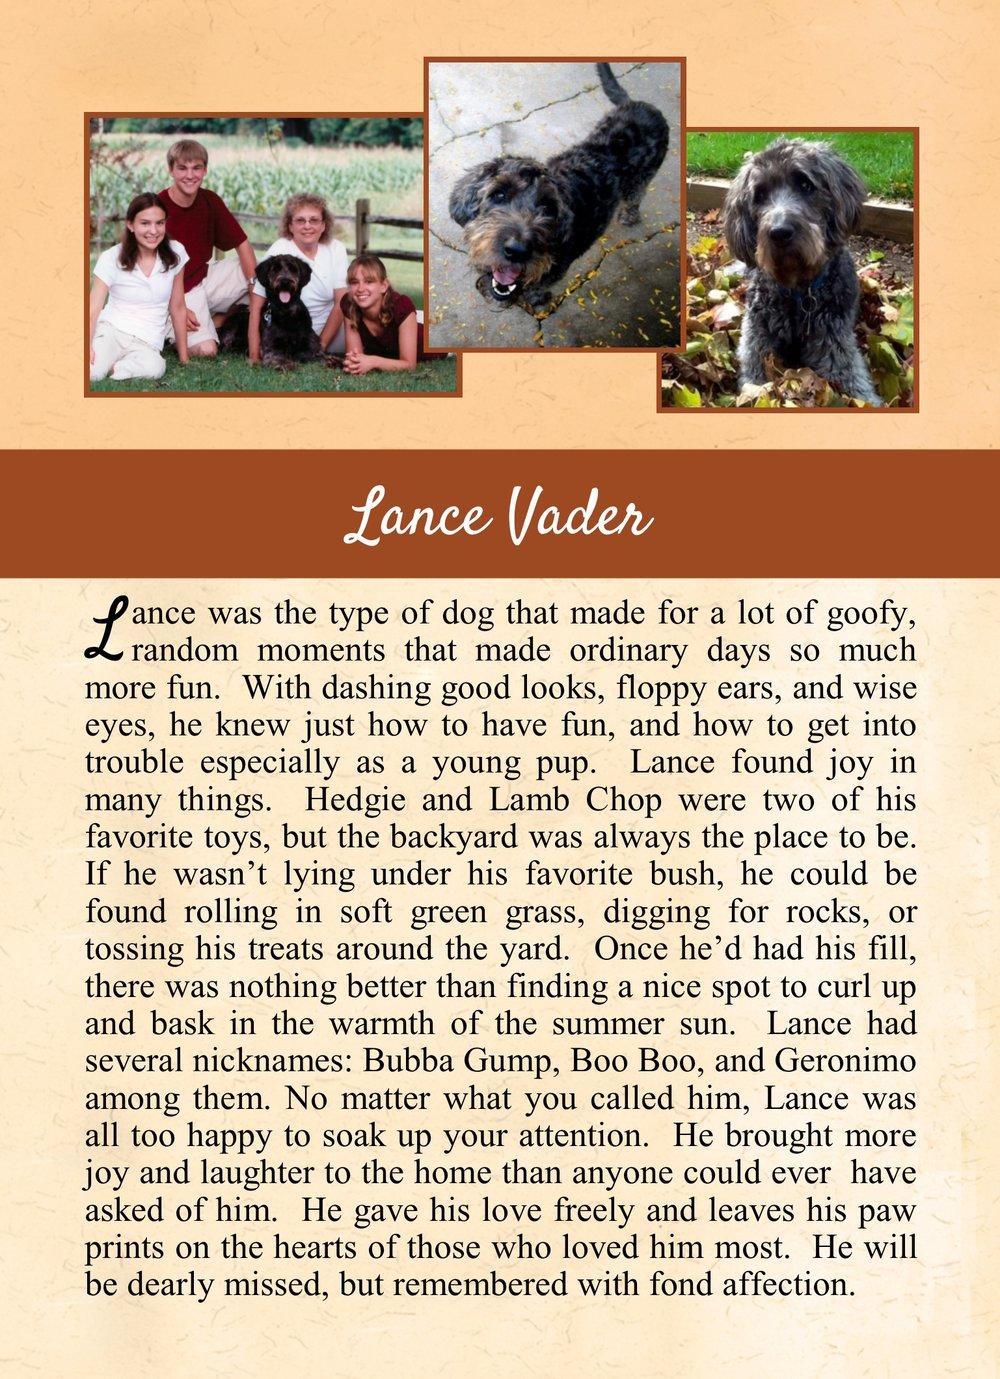 Lance Vader.jpg